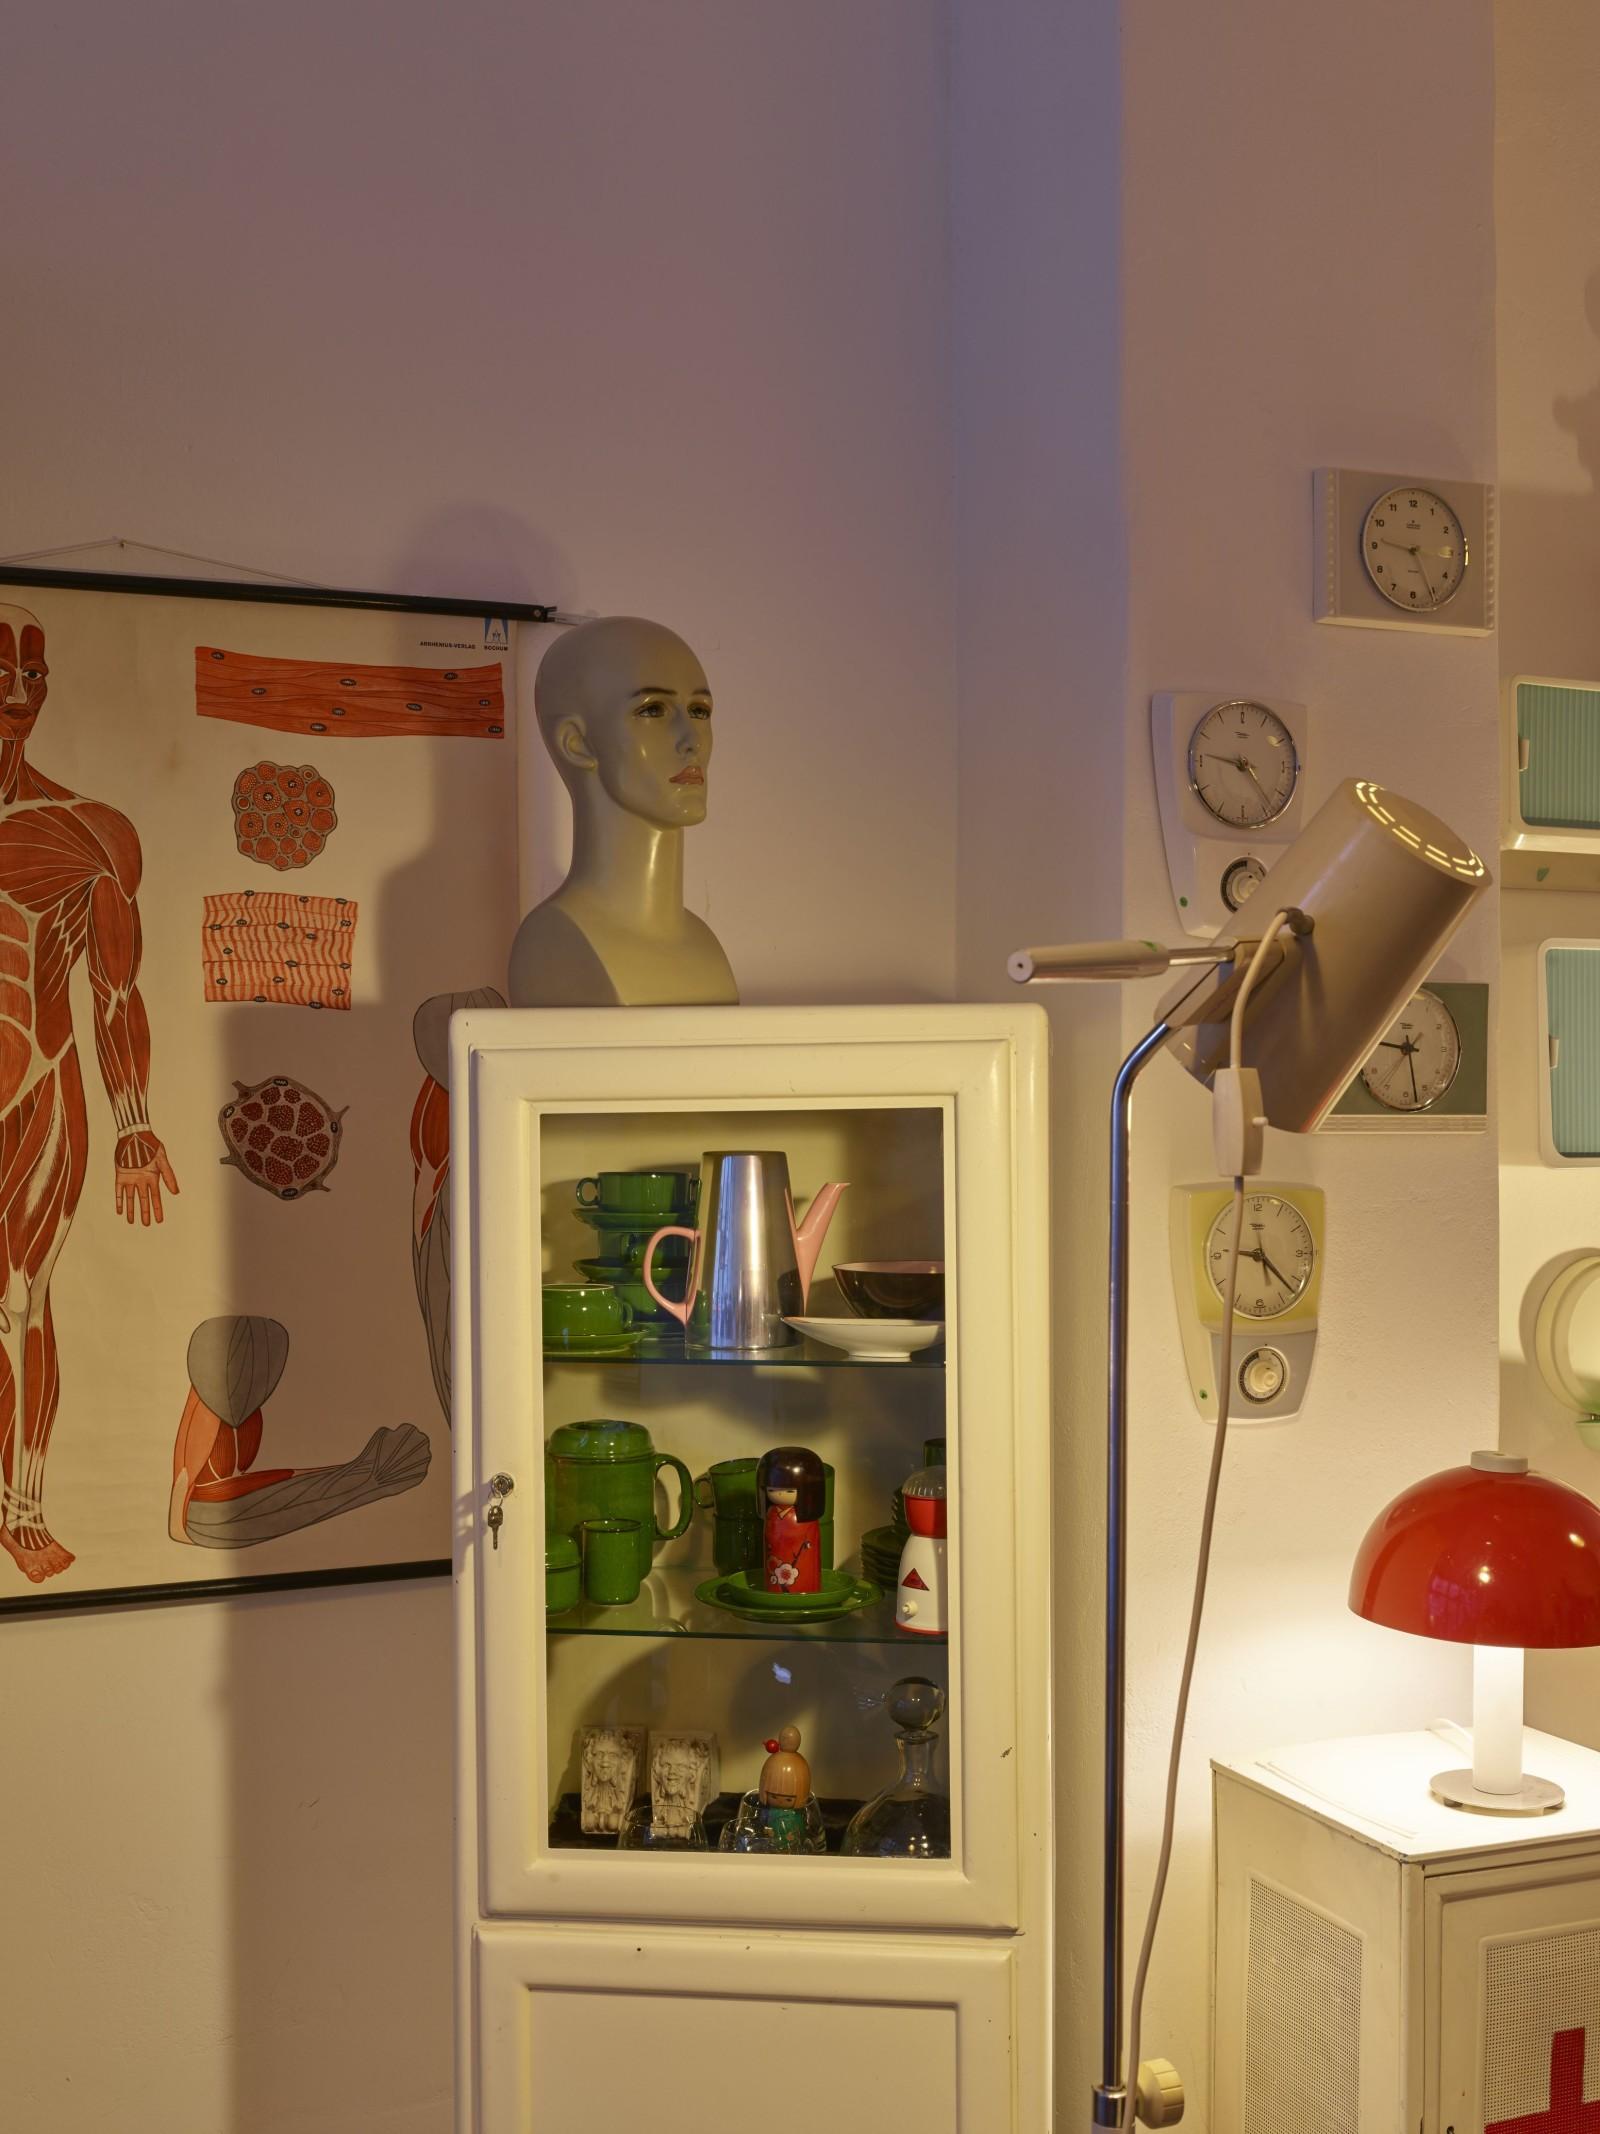 bost m bel und leuchten wohnaccessoires und kuriosa der 20er bis 70er jahre. Black Bedroom Furniture Sets. Home Design Ideas